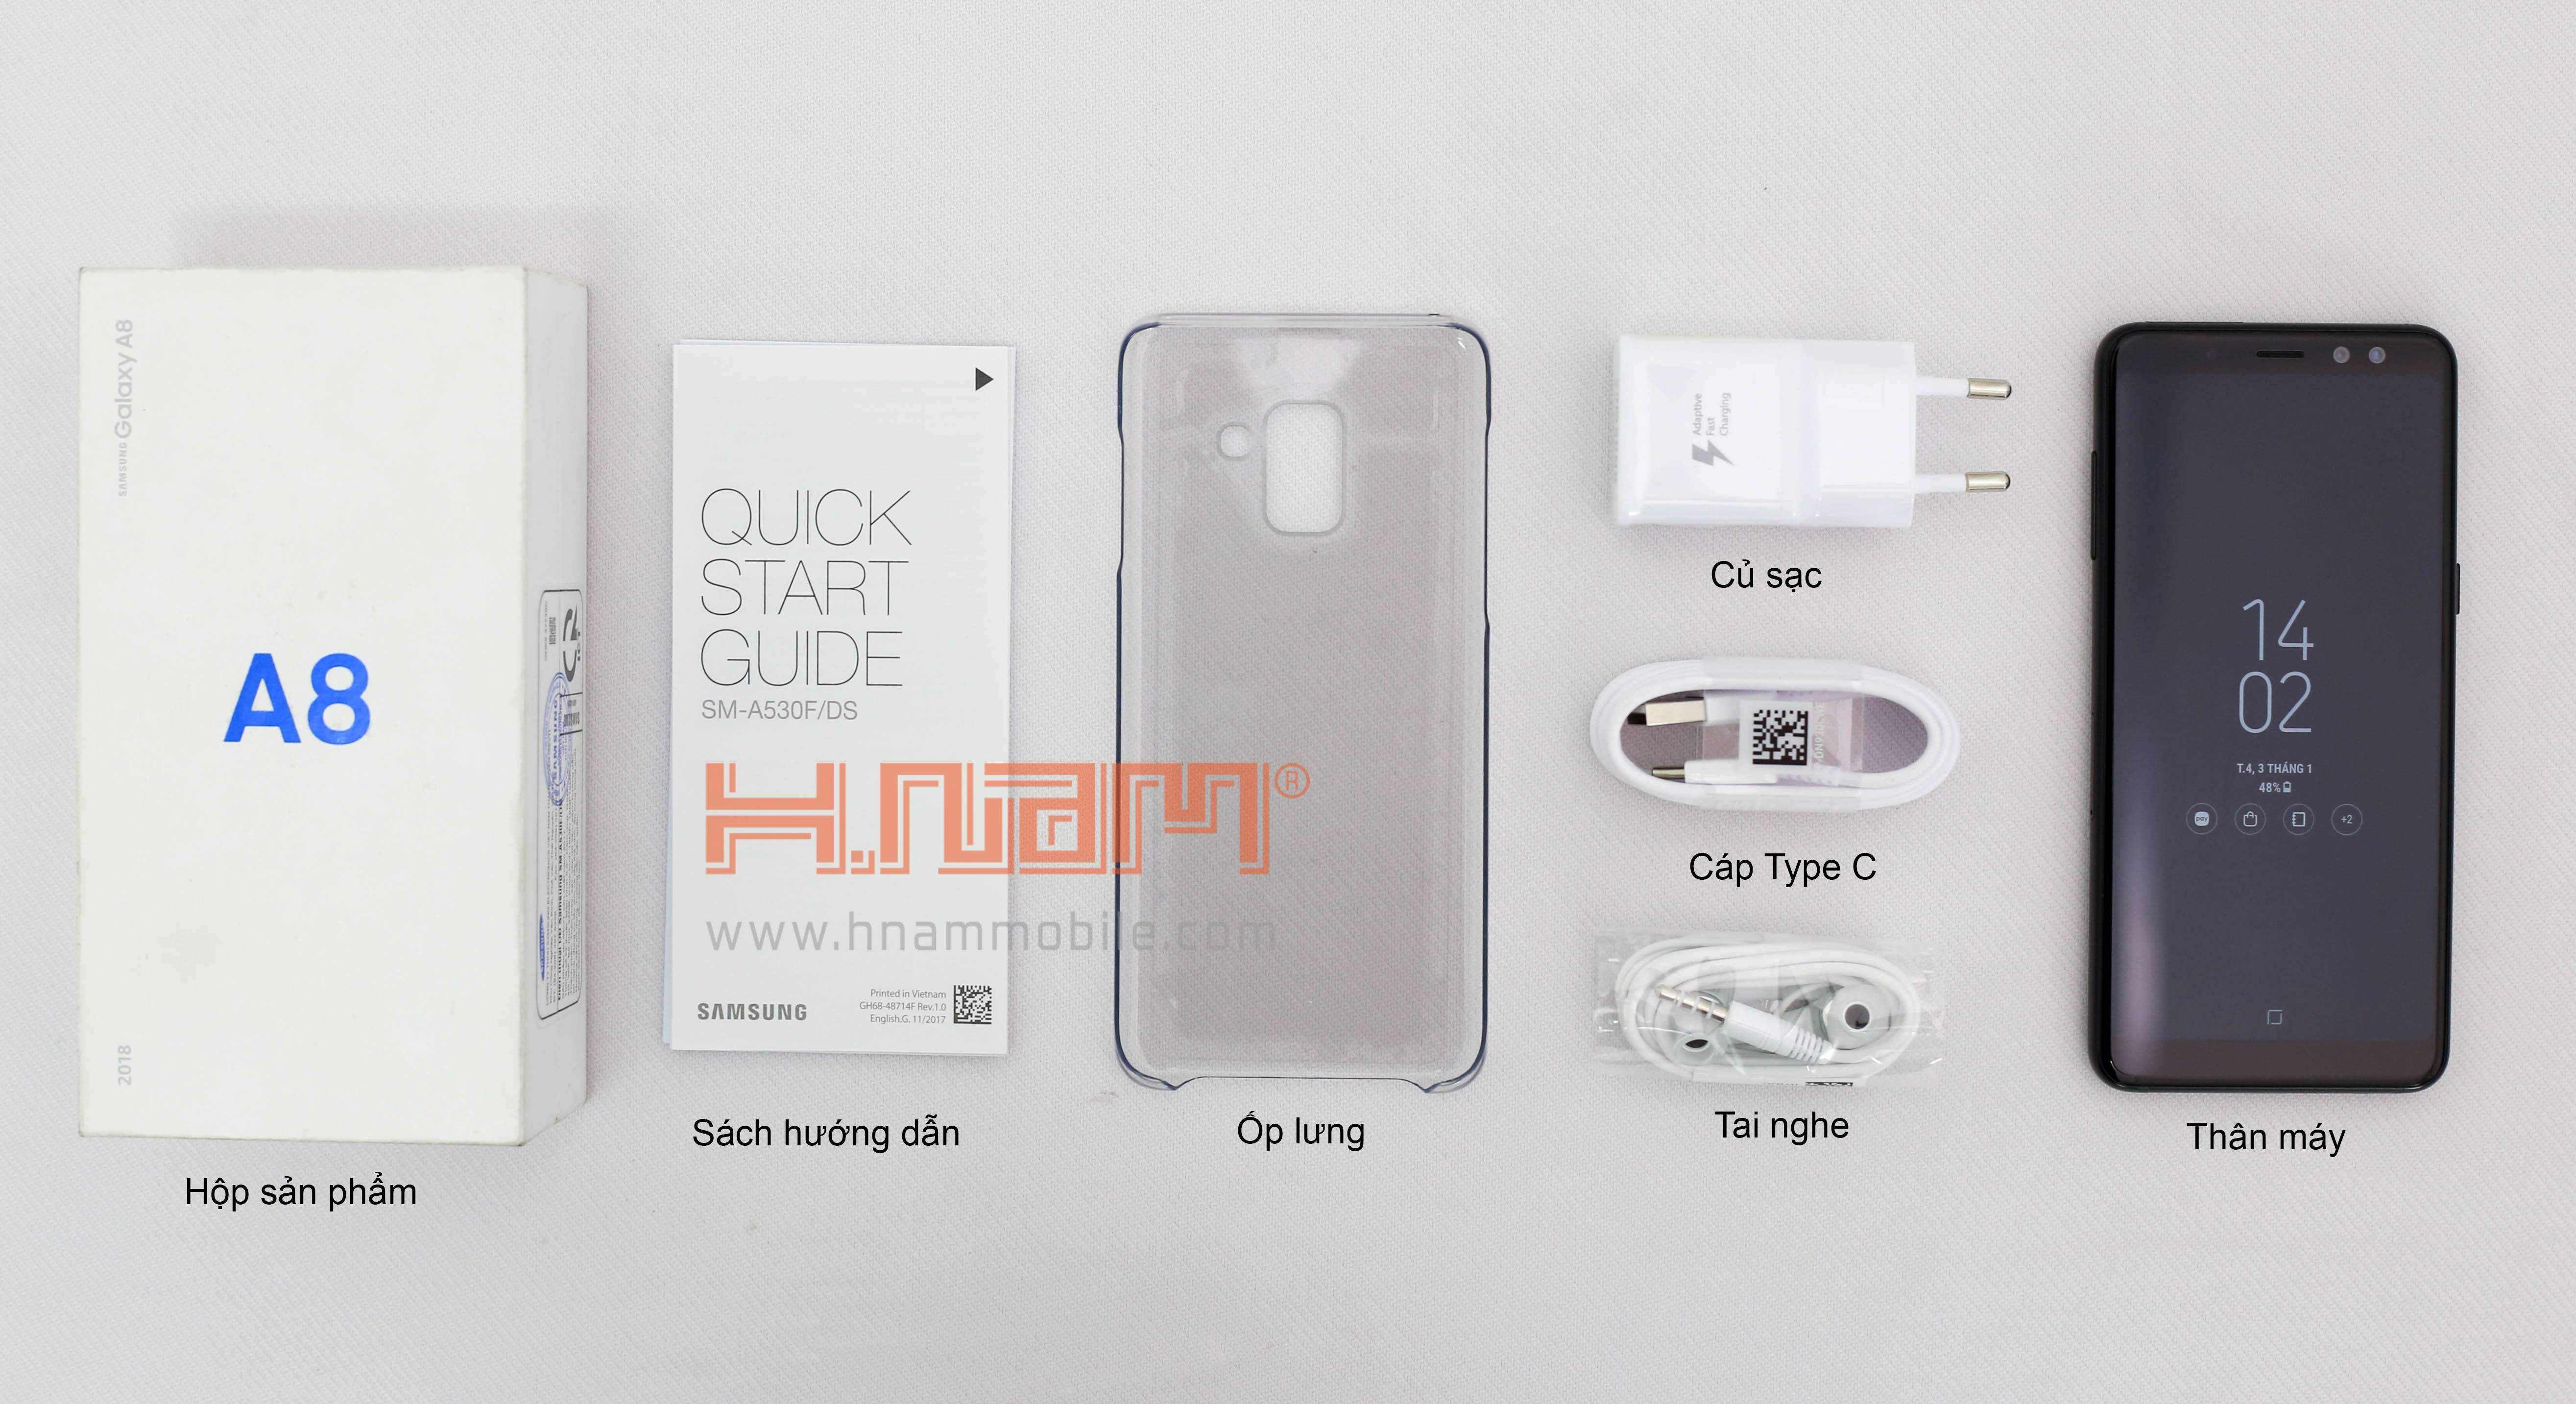 Samsung Galaxy A8 Plus 2018 A730 hình sản phẩm 0